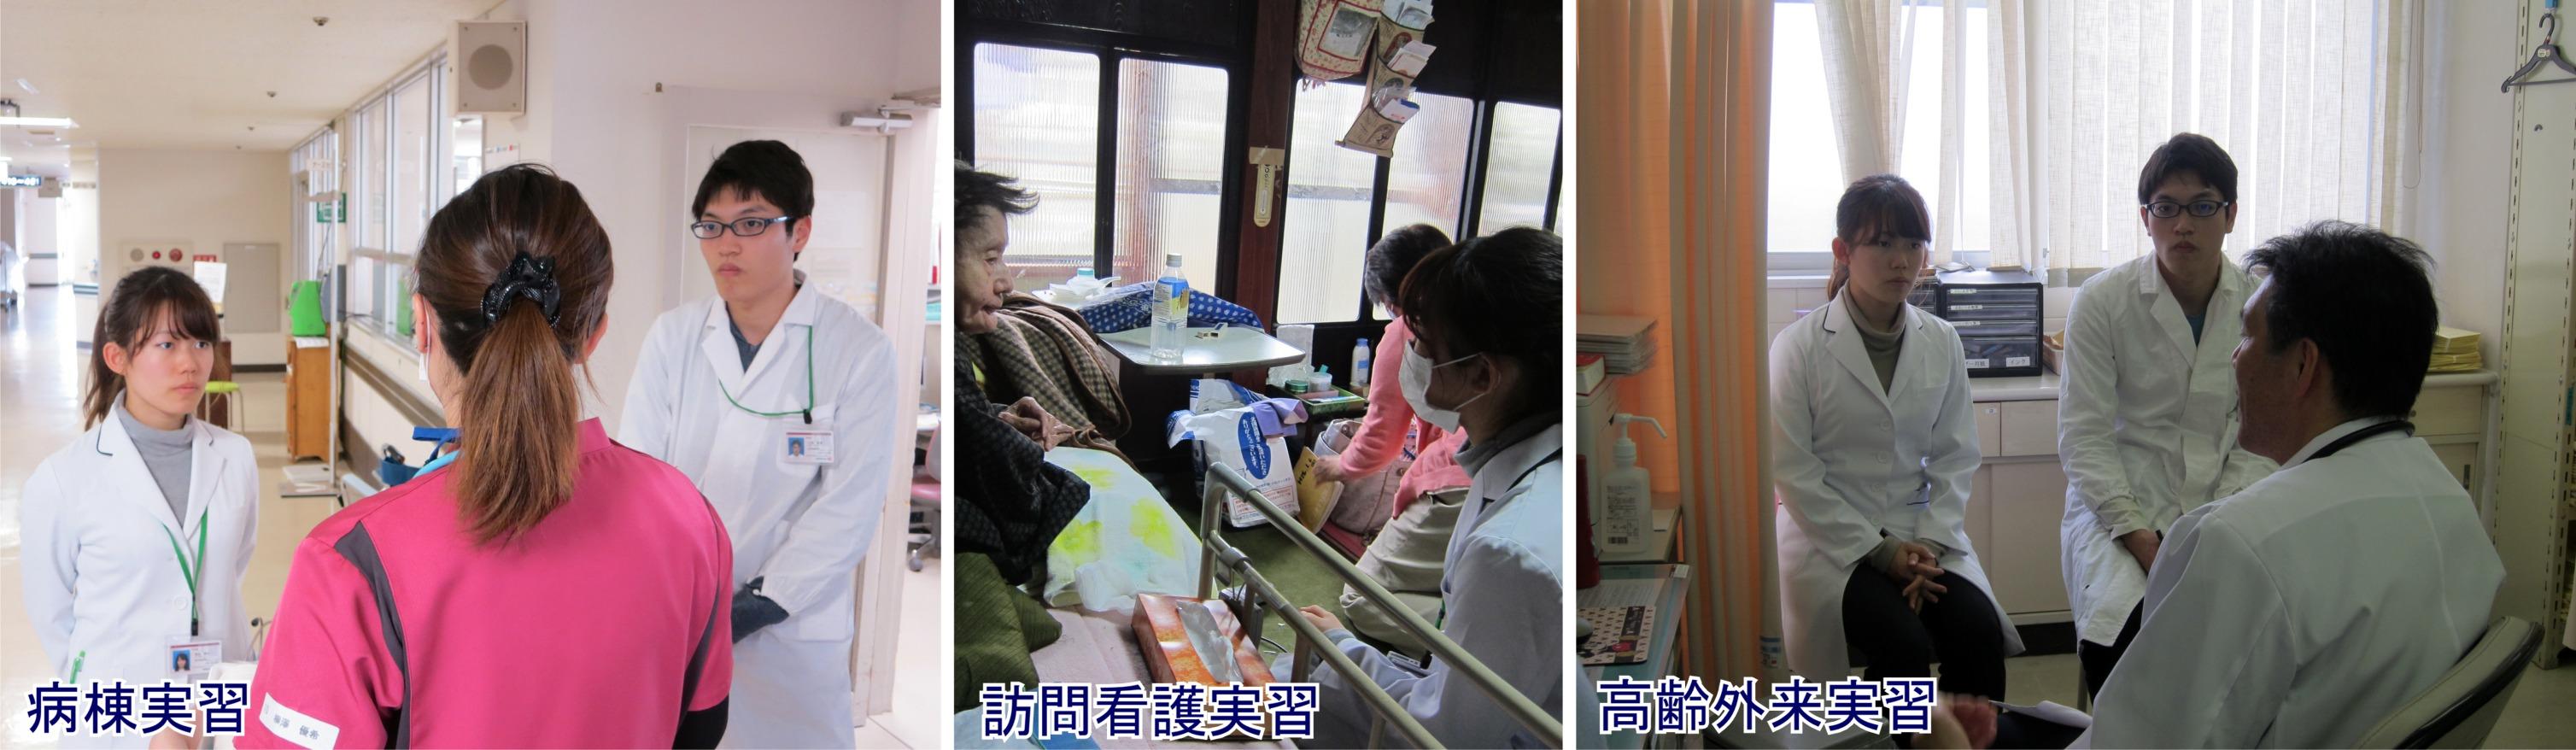 kansaiidai jisyuu20140218.jpg